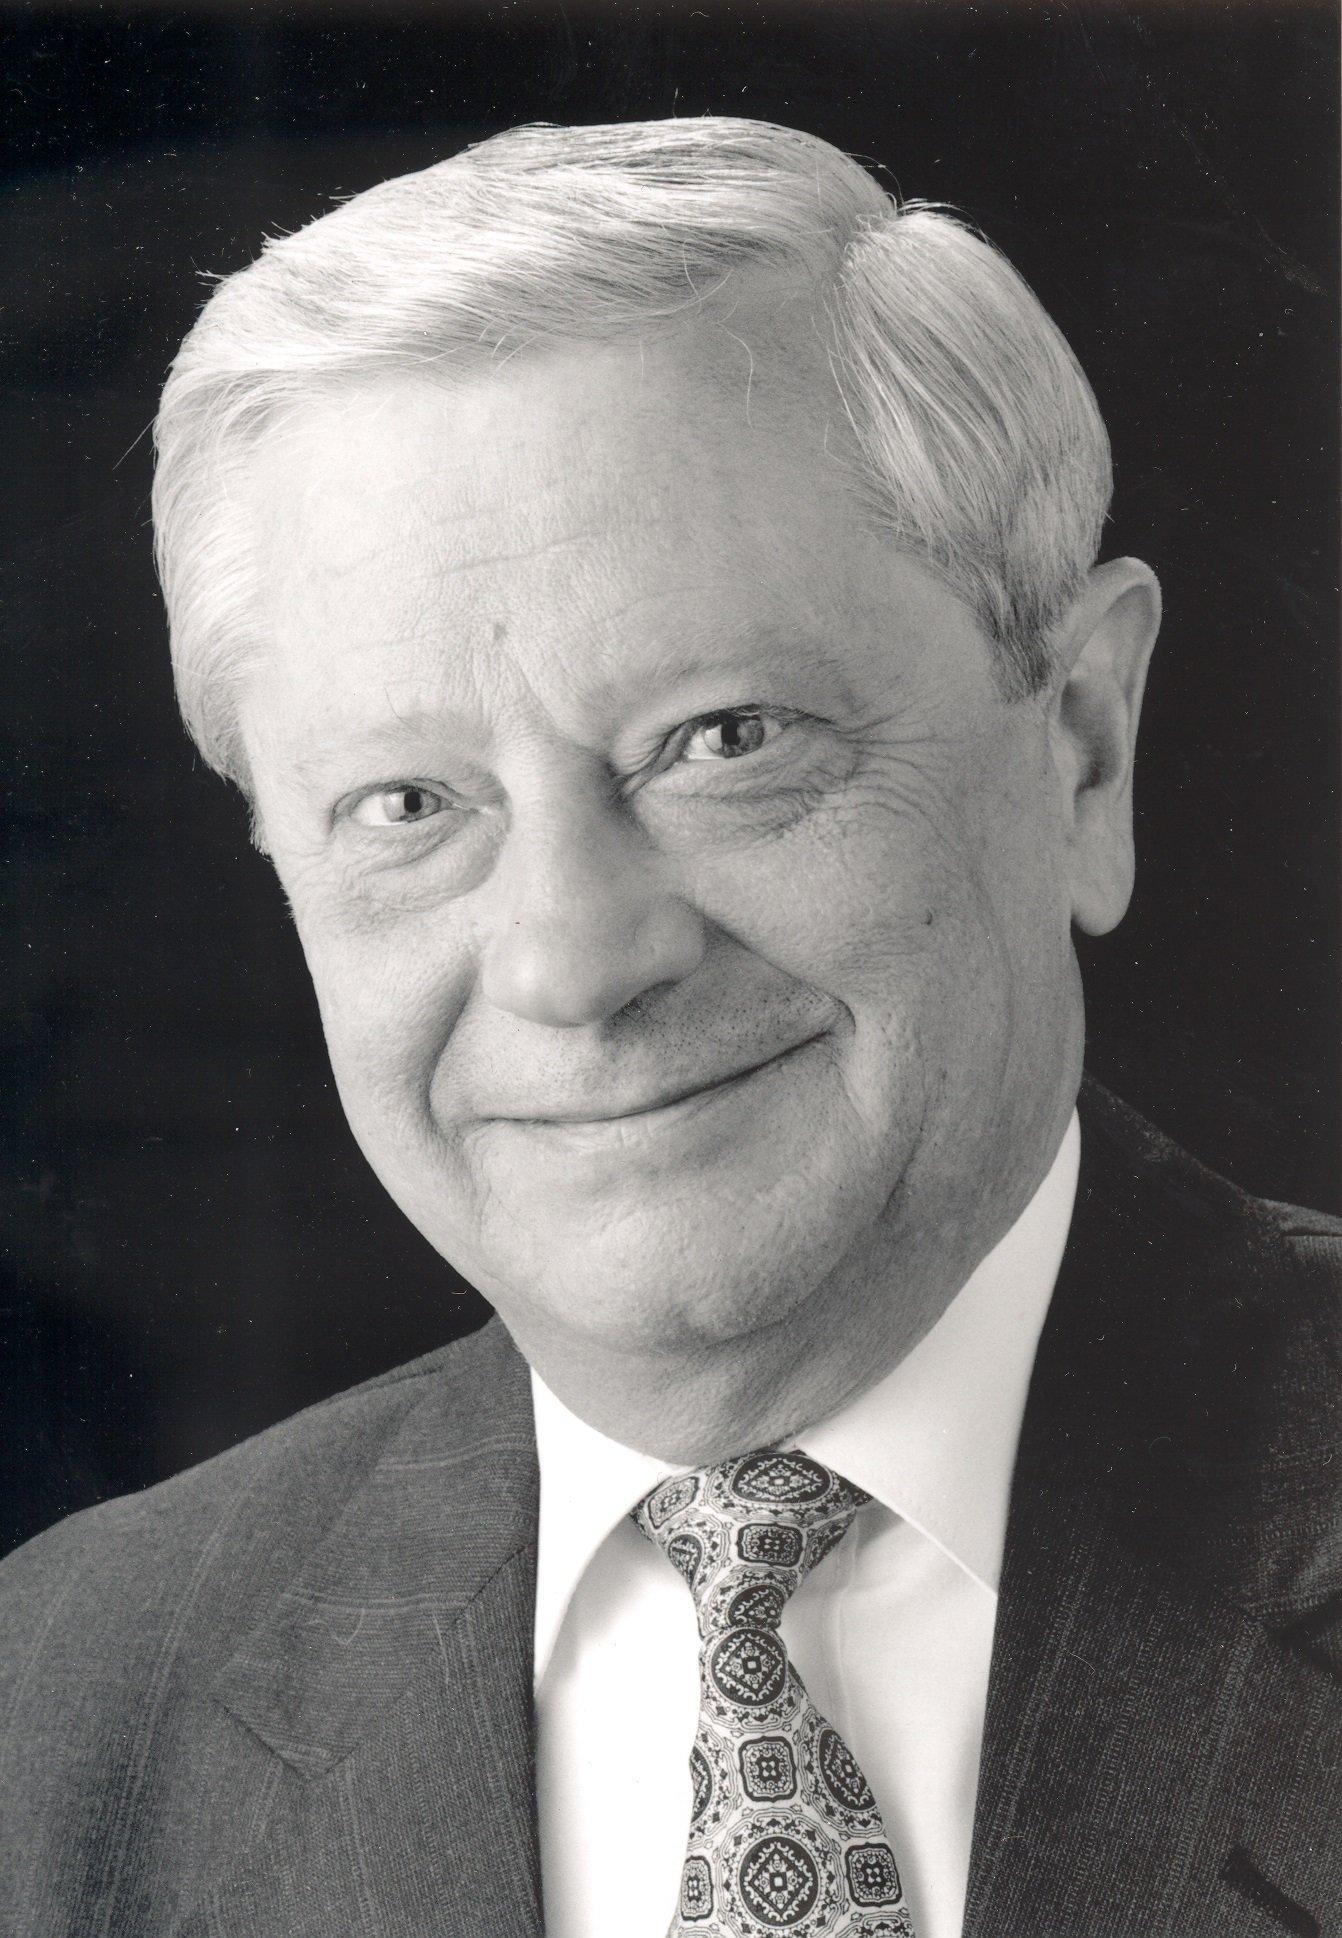 Myron E. LaRowe